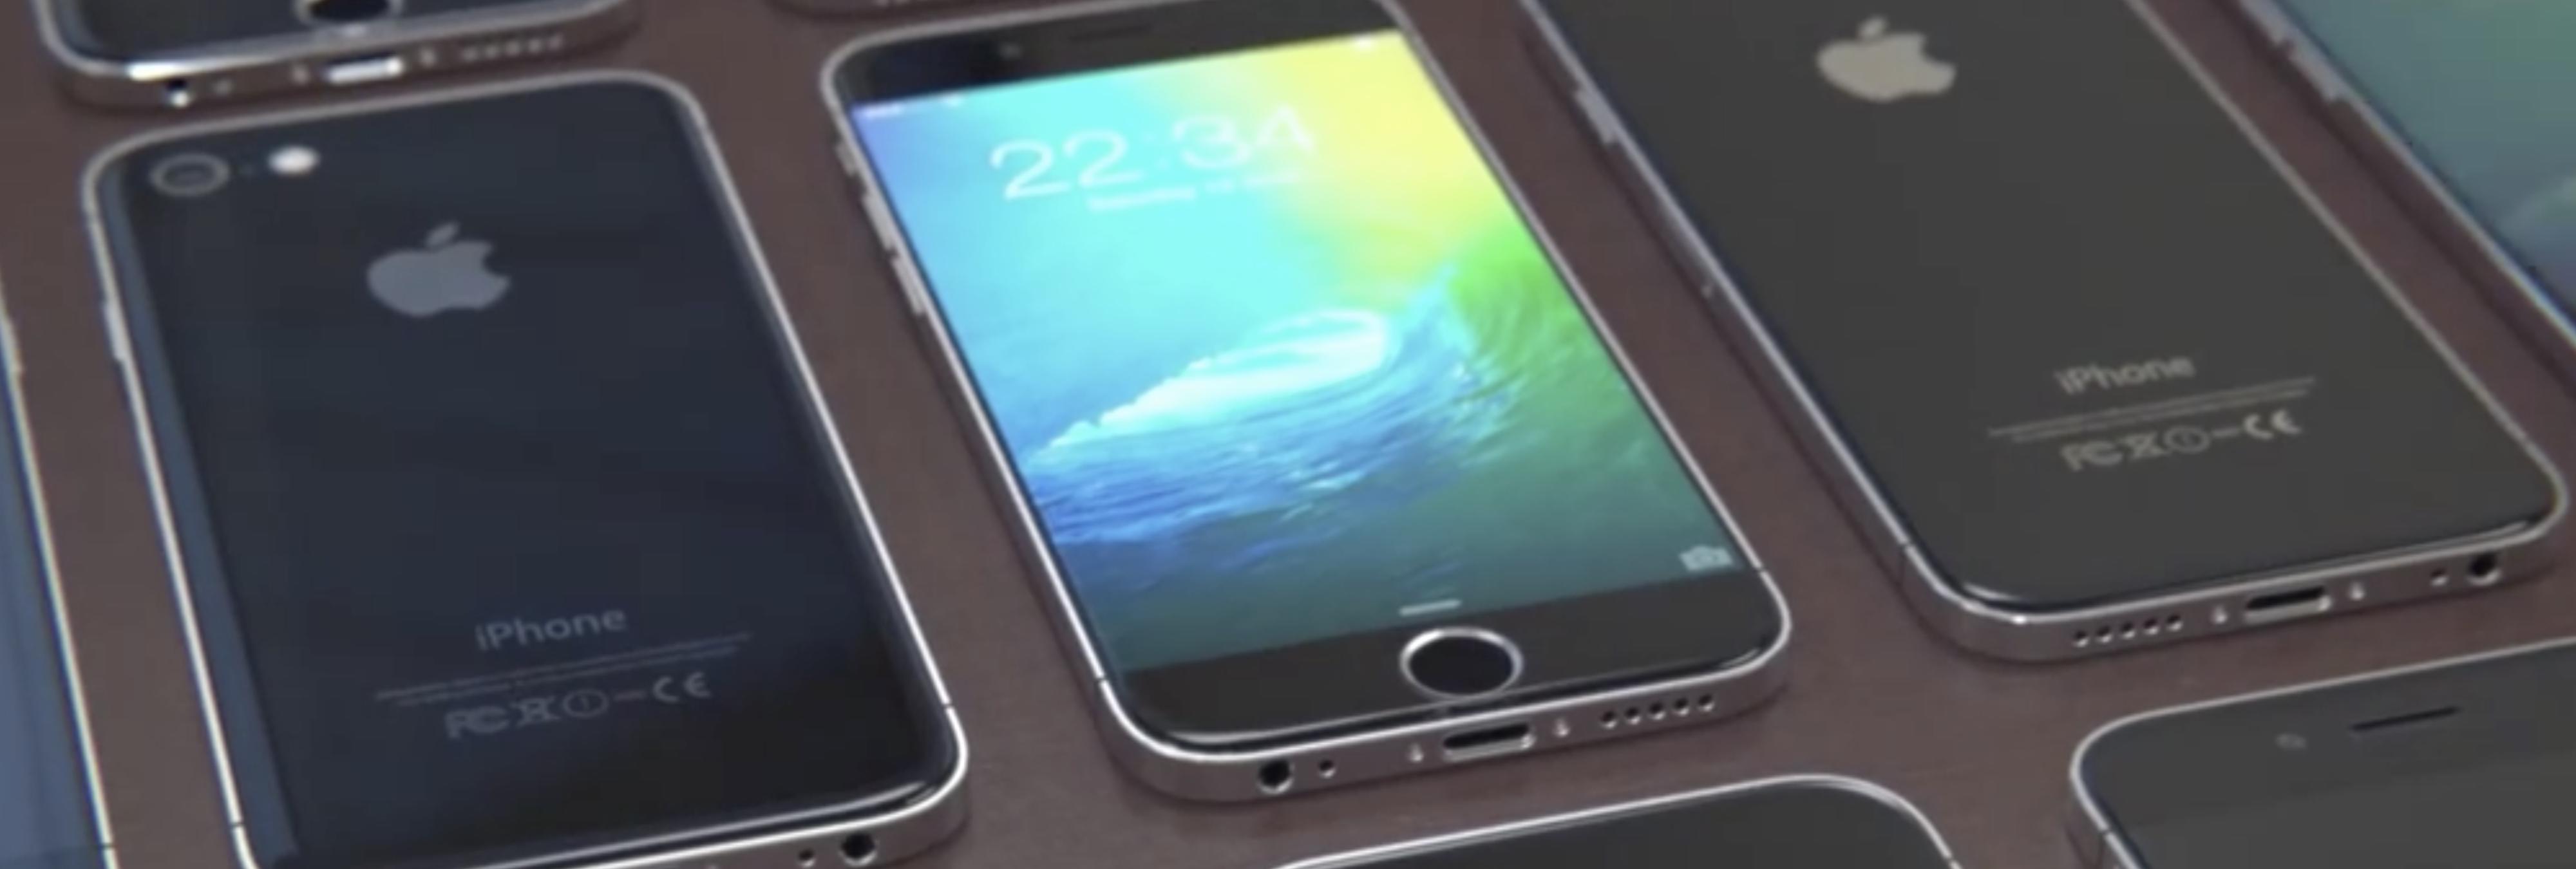 Ya hay rumores del diseño del iPhone 8 y tiene un punto nostálgico